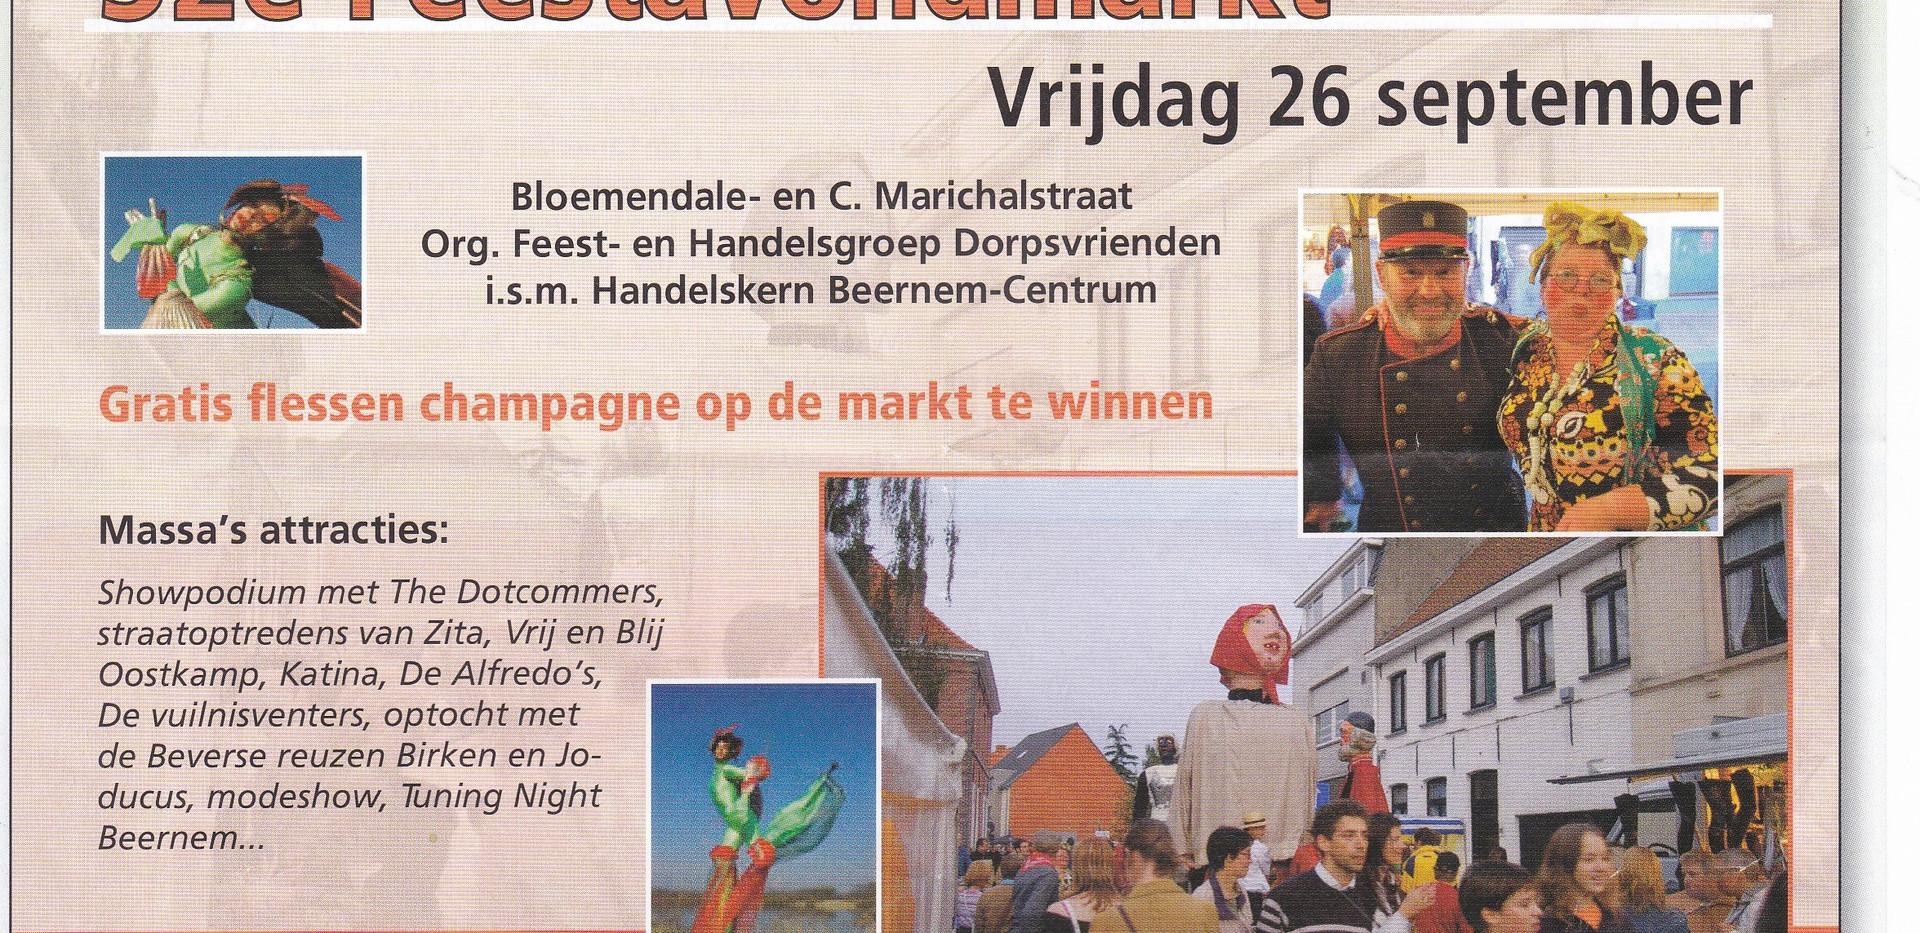 Feestavondmarkt Beernem 26092008.jpg